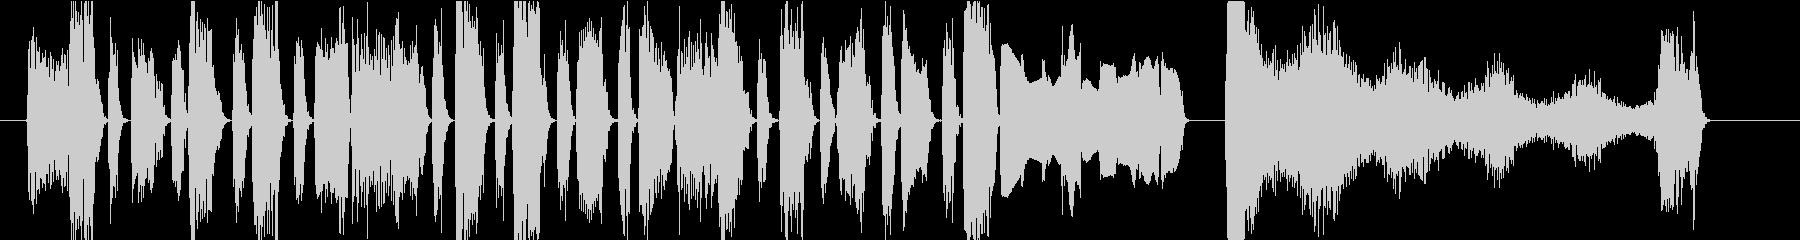 ファンキーなキーボードのジングルの未再生の波形